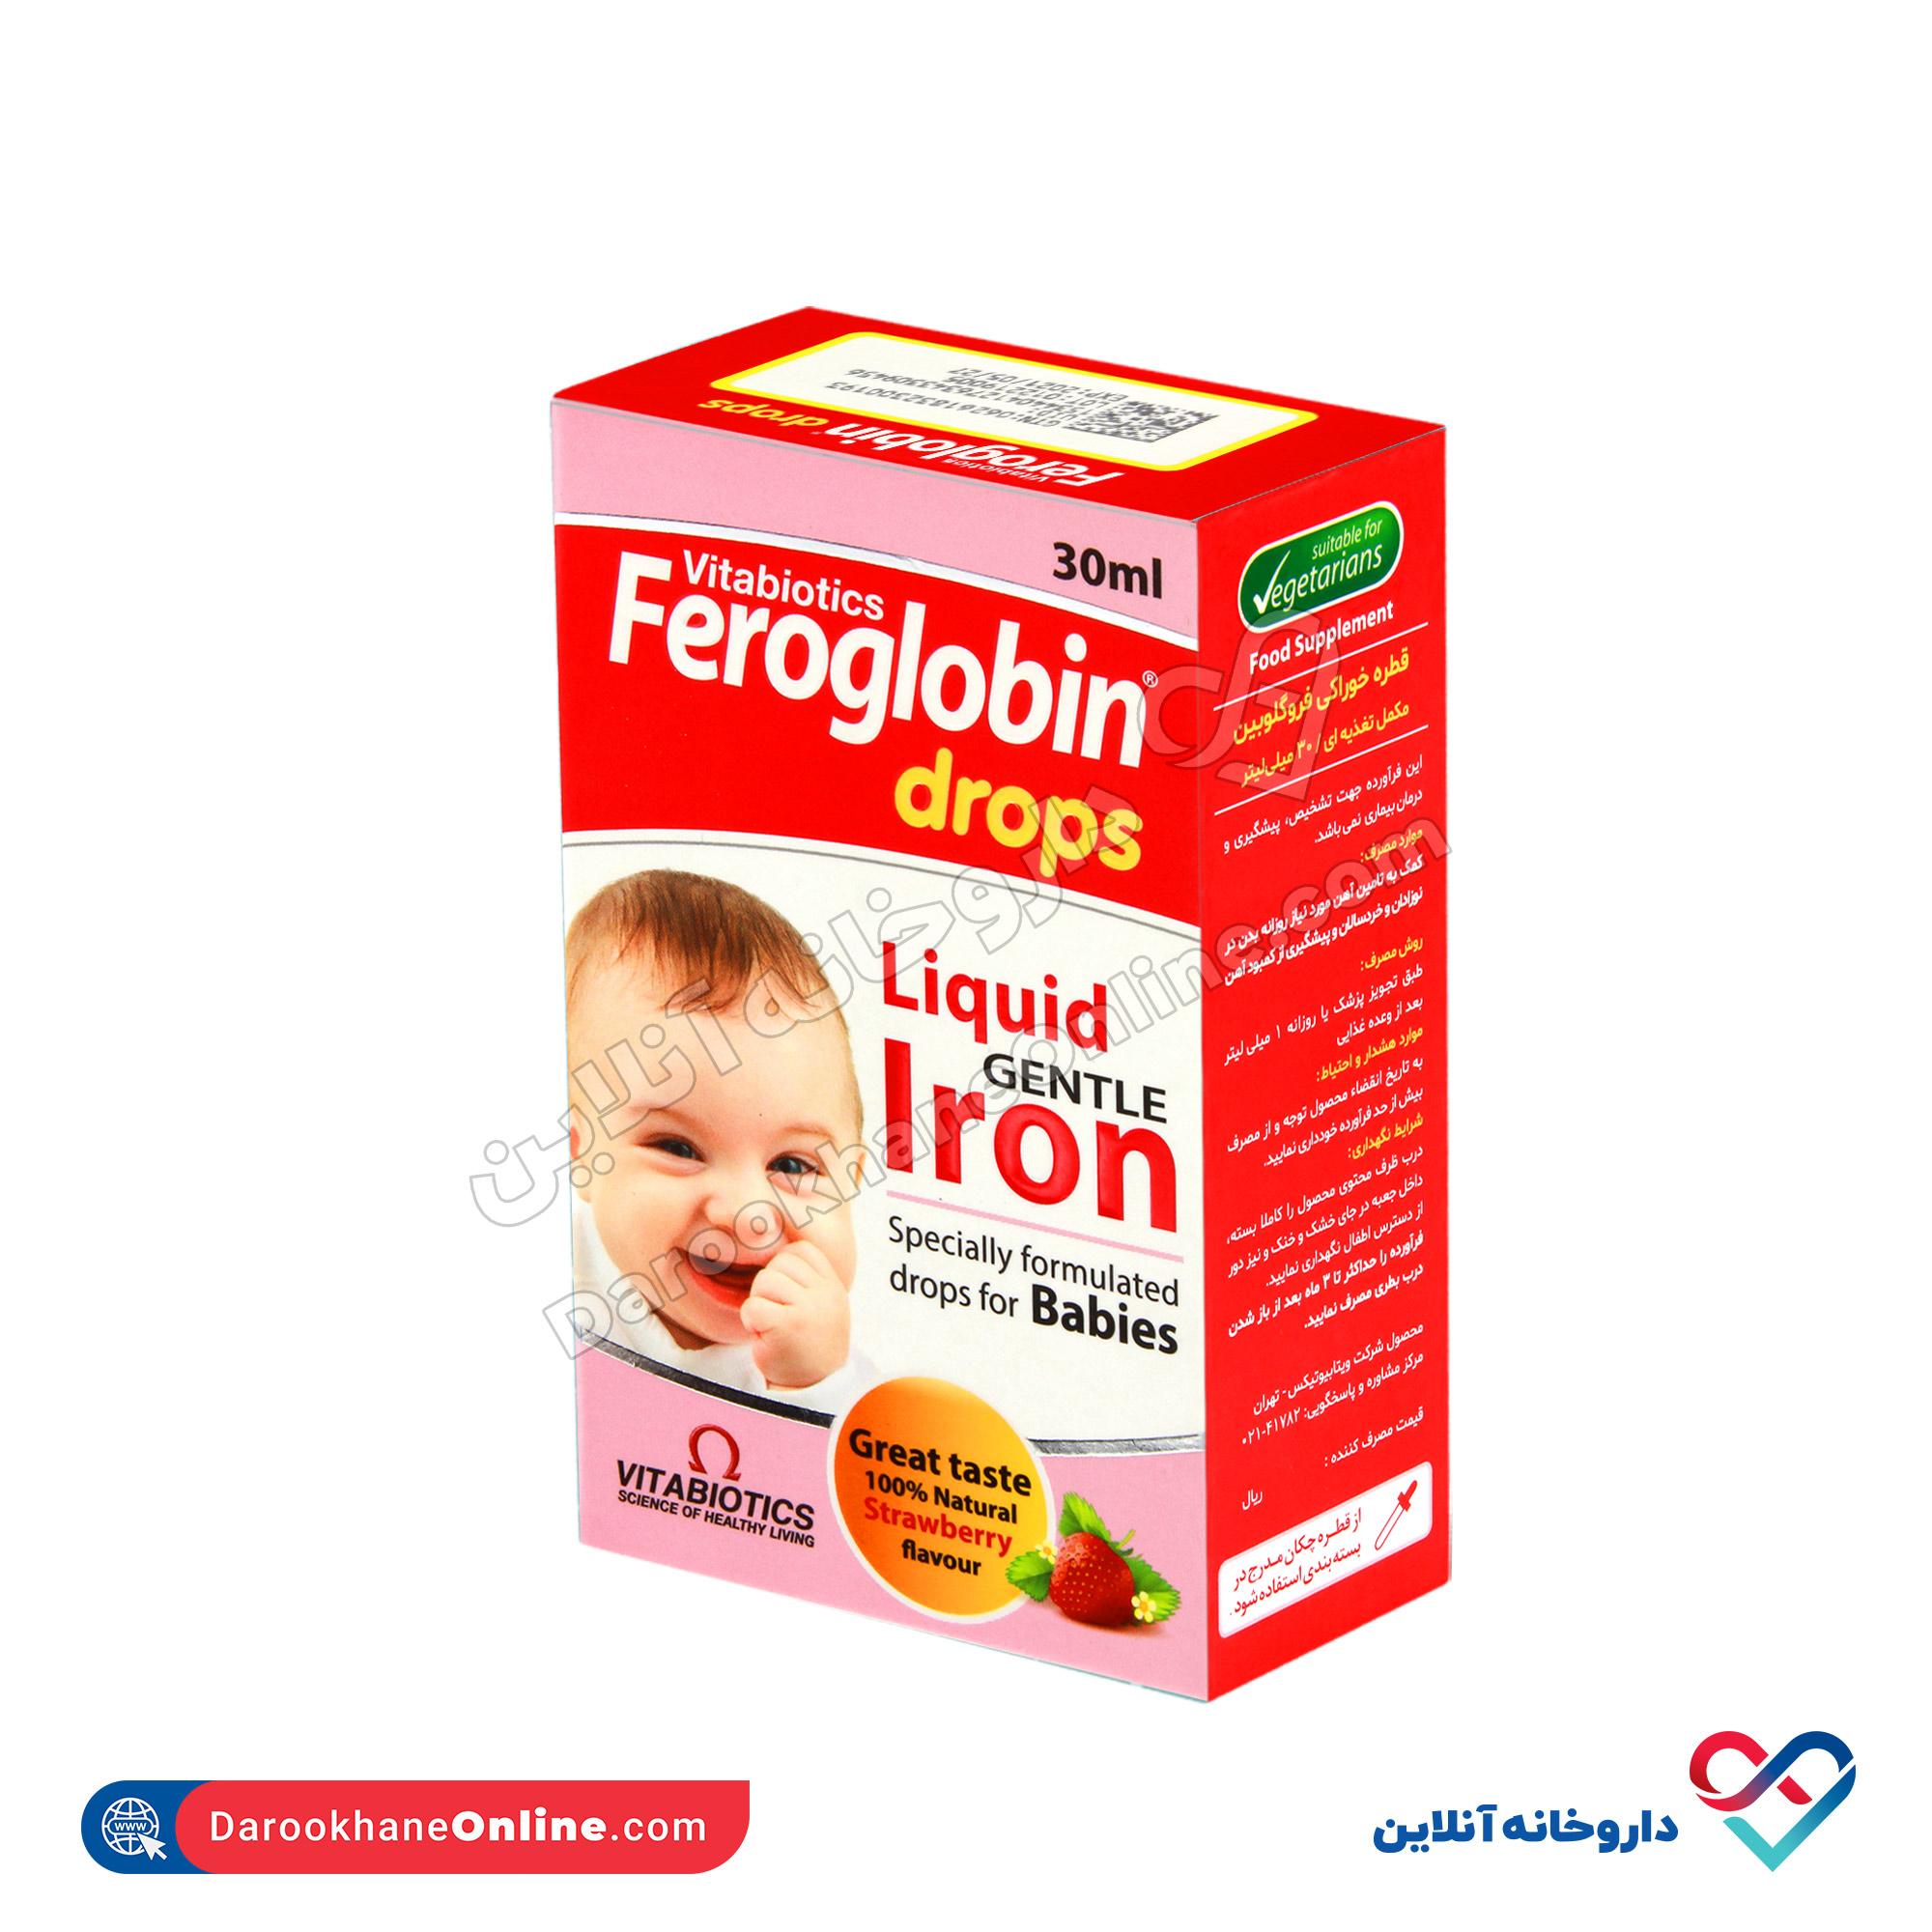 قطره آهن نوزاد فروگلوبین ویتابیوتیکس | 30 میل | جلوگیری از کمبود آهن و تامین آهن مورد نیاز کودکان